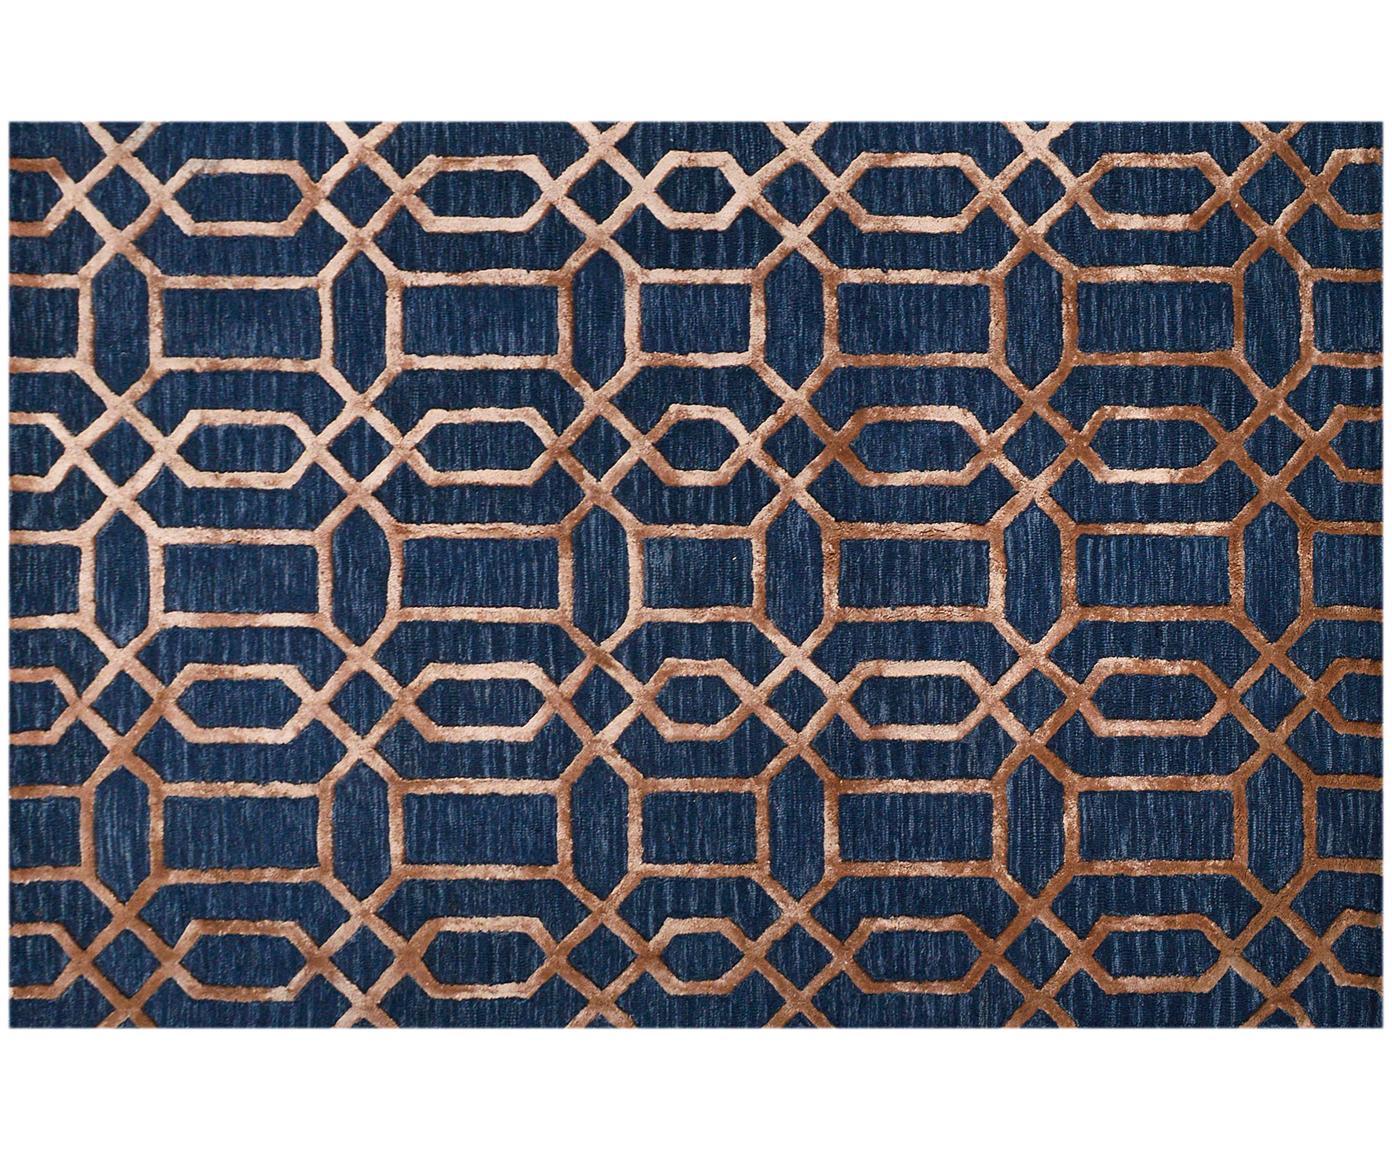 Alfombra artesanal de lana Vegas, Parte superior: 80%lana, 20%viscosa, Reverso: algodón, Azul oscuro, marrón, An 120 x L 185 cm (Tamaño S)